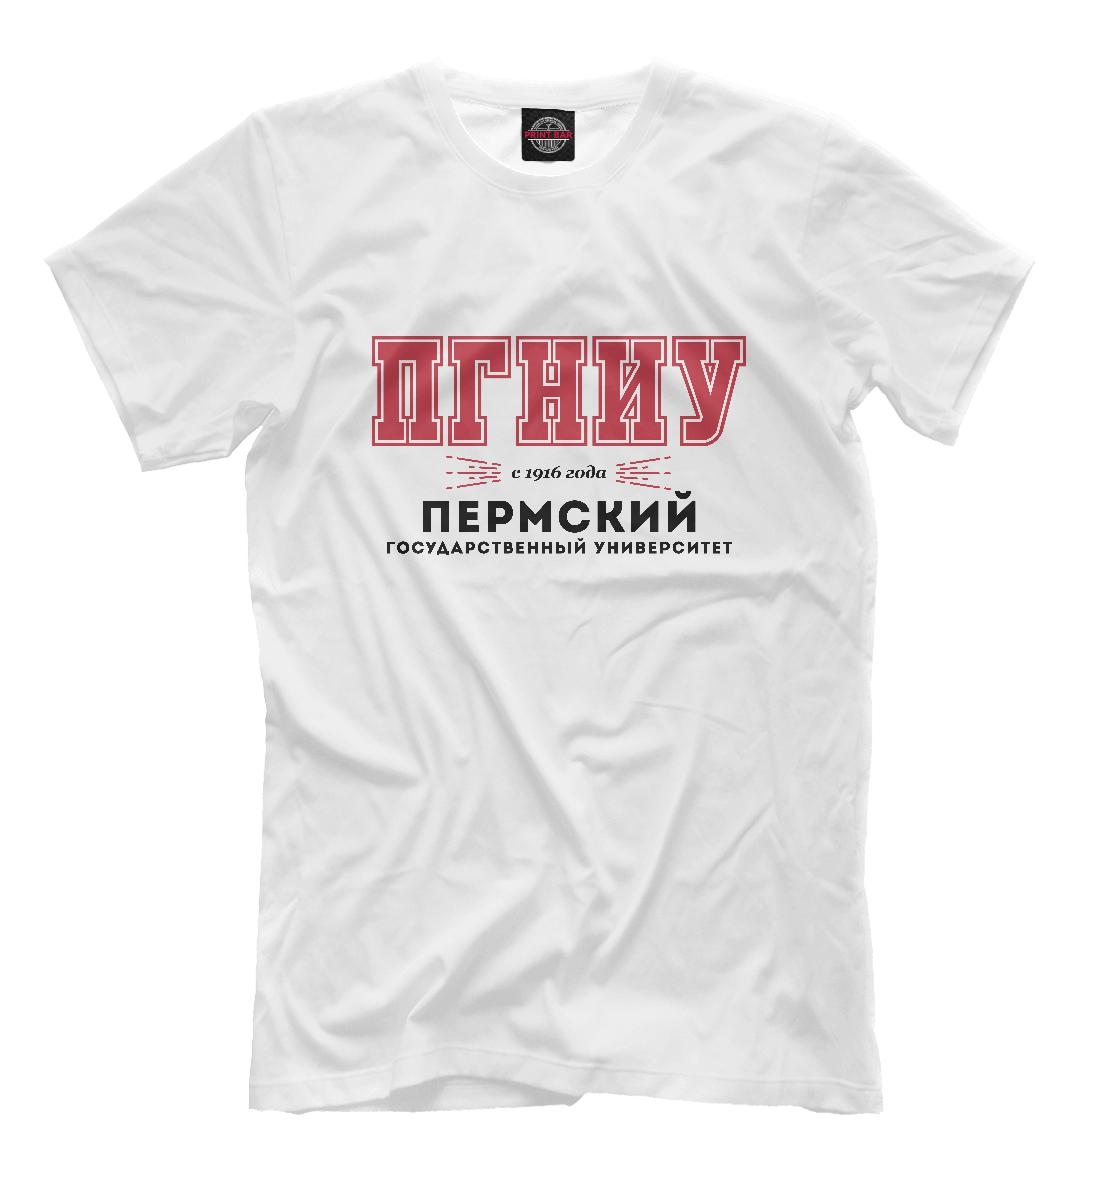 ПГУ (ПГНИУ) - Пермский Государственный Университет